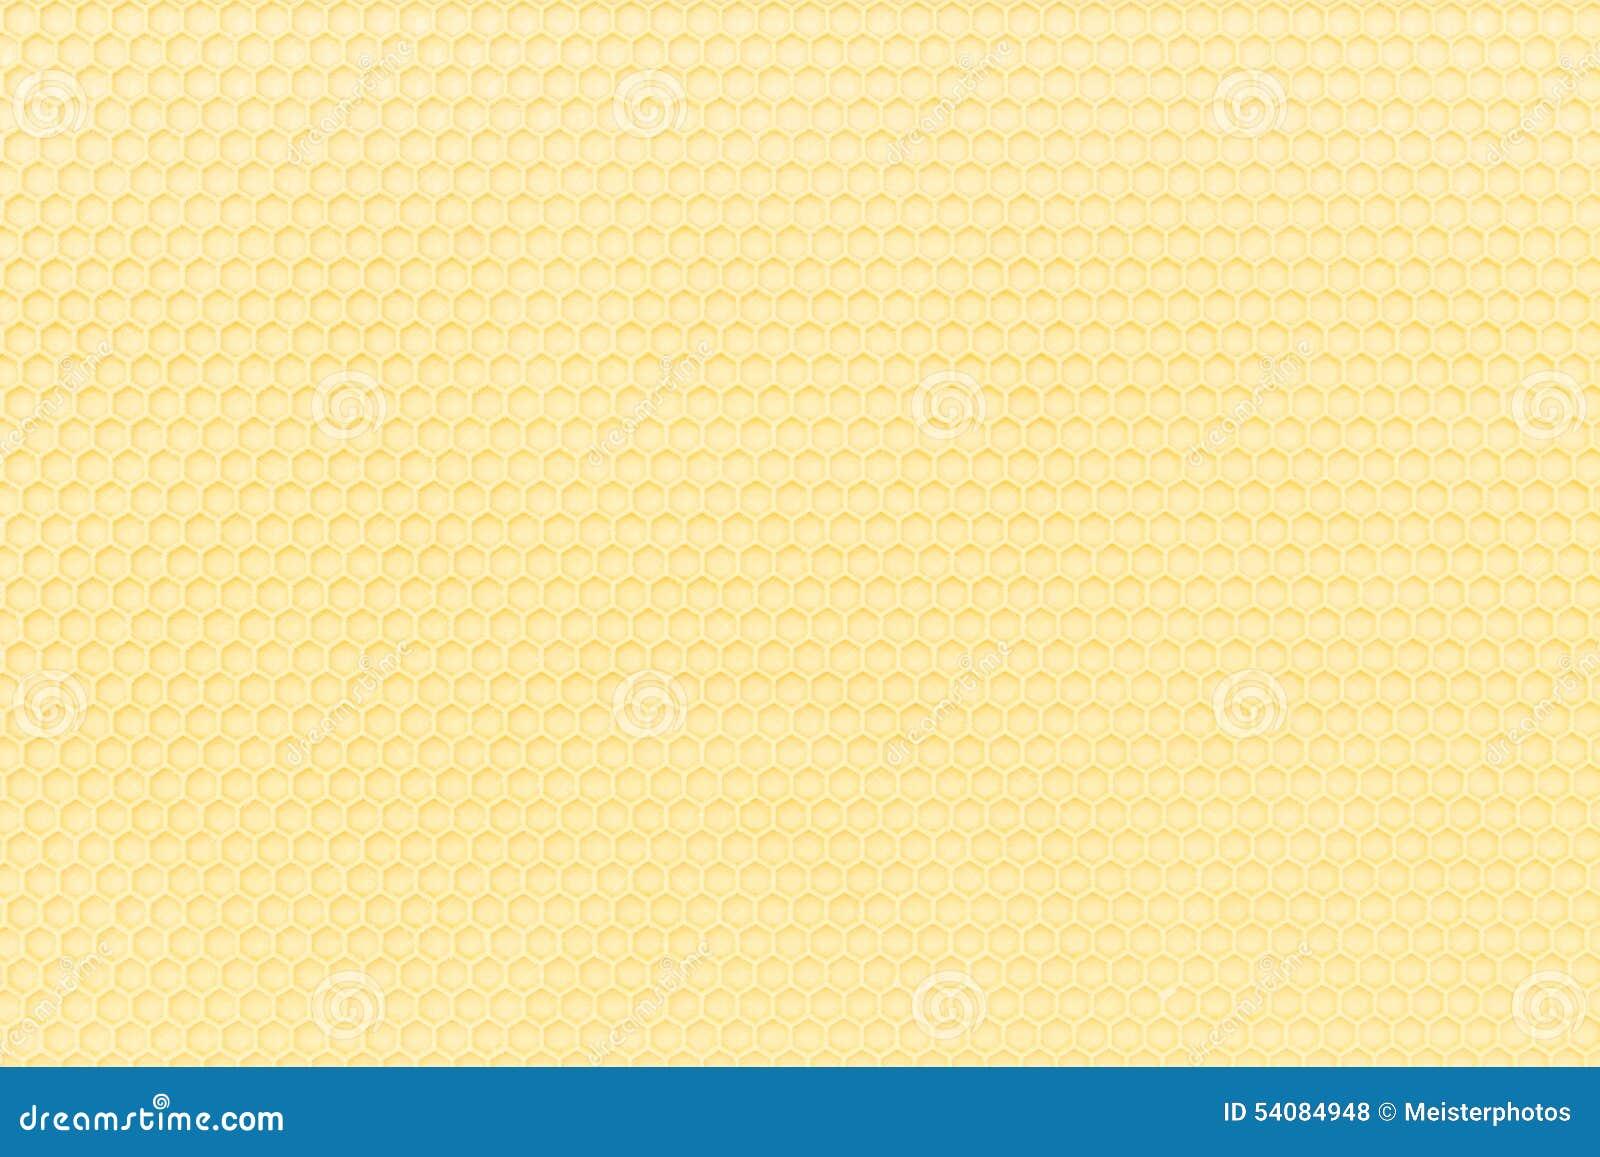 De achtergrond van de honingraatstichting